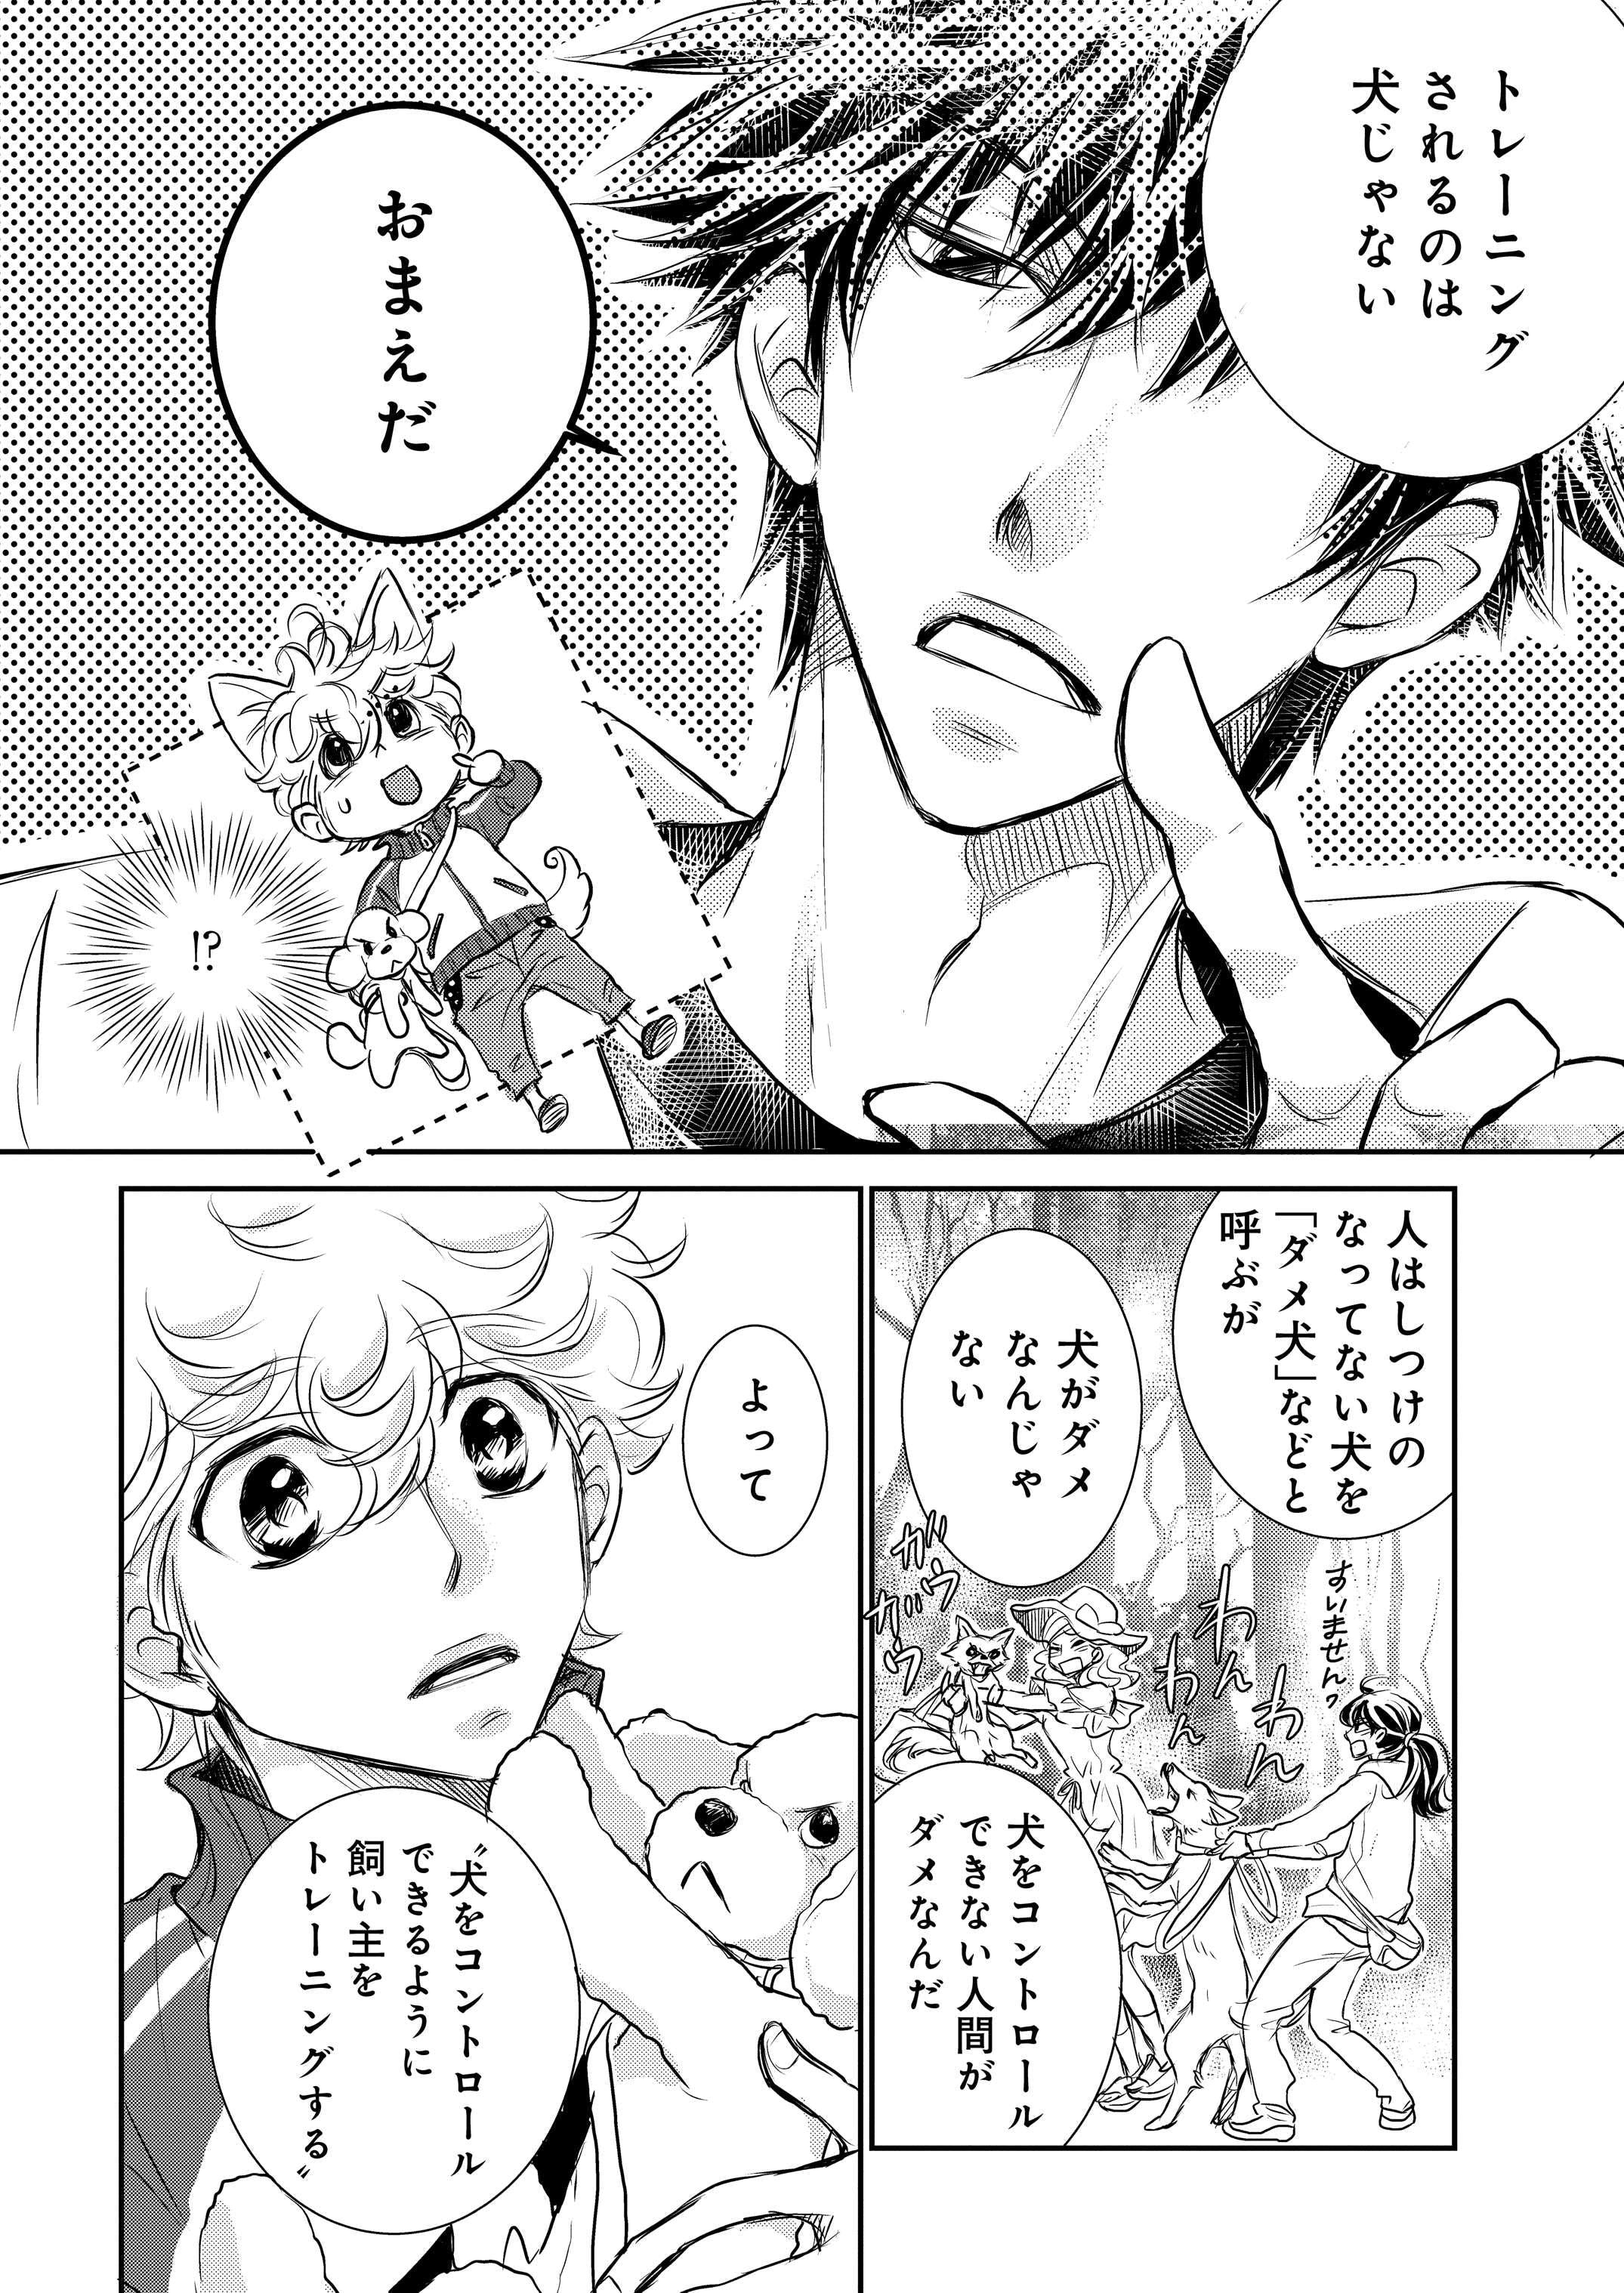 【新連載】『DOG SIGNAL』1話目④ 3ページ目